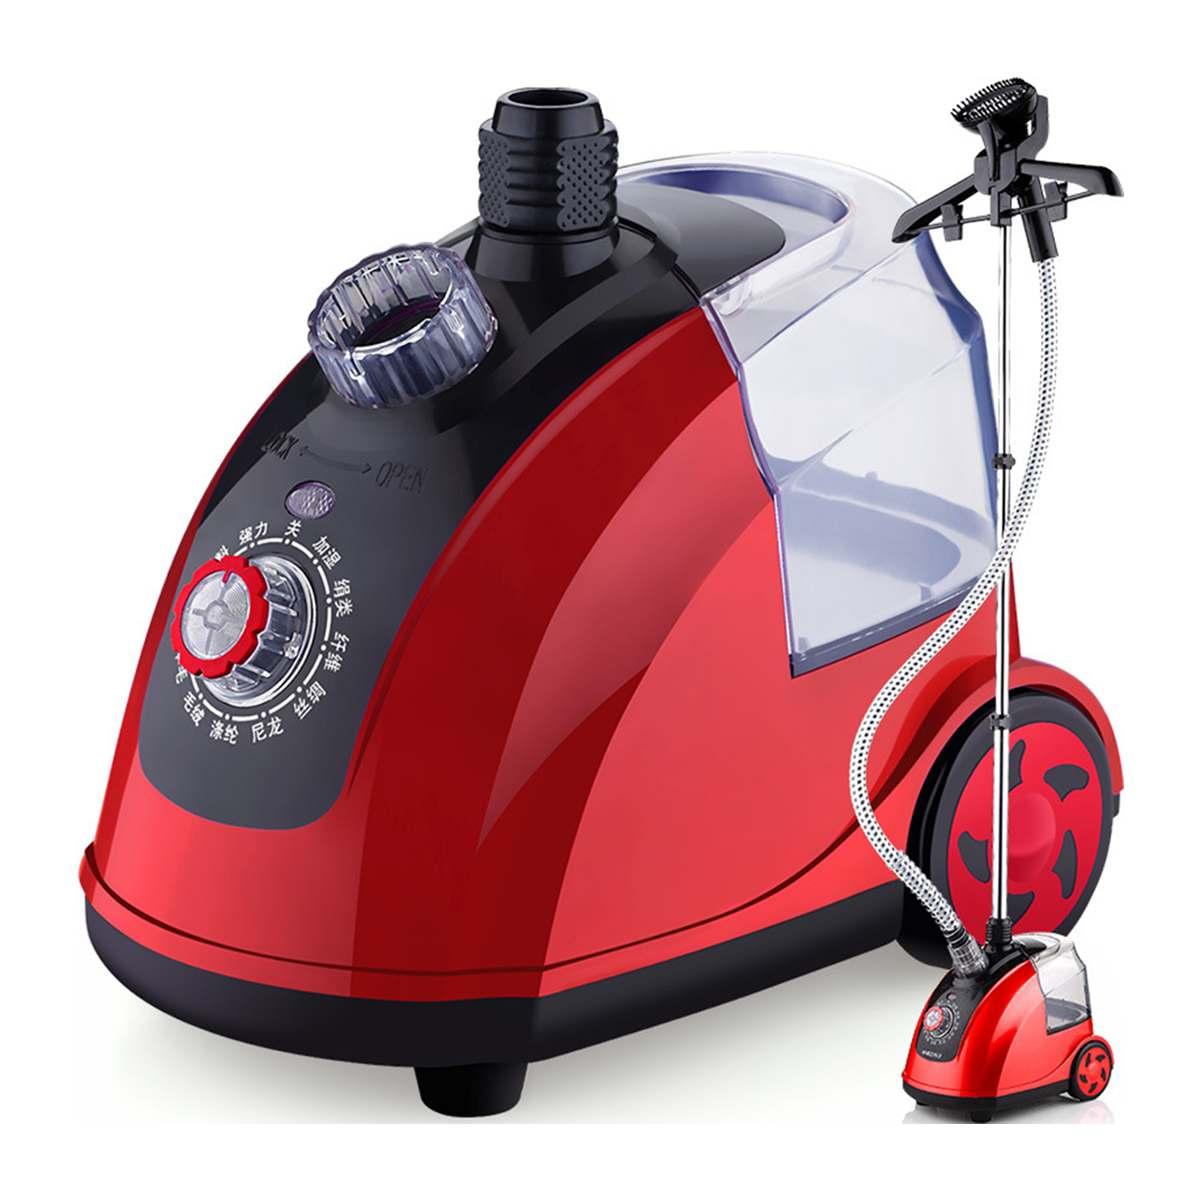 Vêtement vapeur fer réglable vêtements vapeur avec 70 Minutes de vapeur continue 1800 W 1.8L réservoir d'eau 26 s vapeur rapide